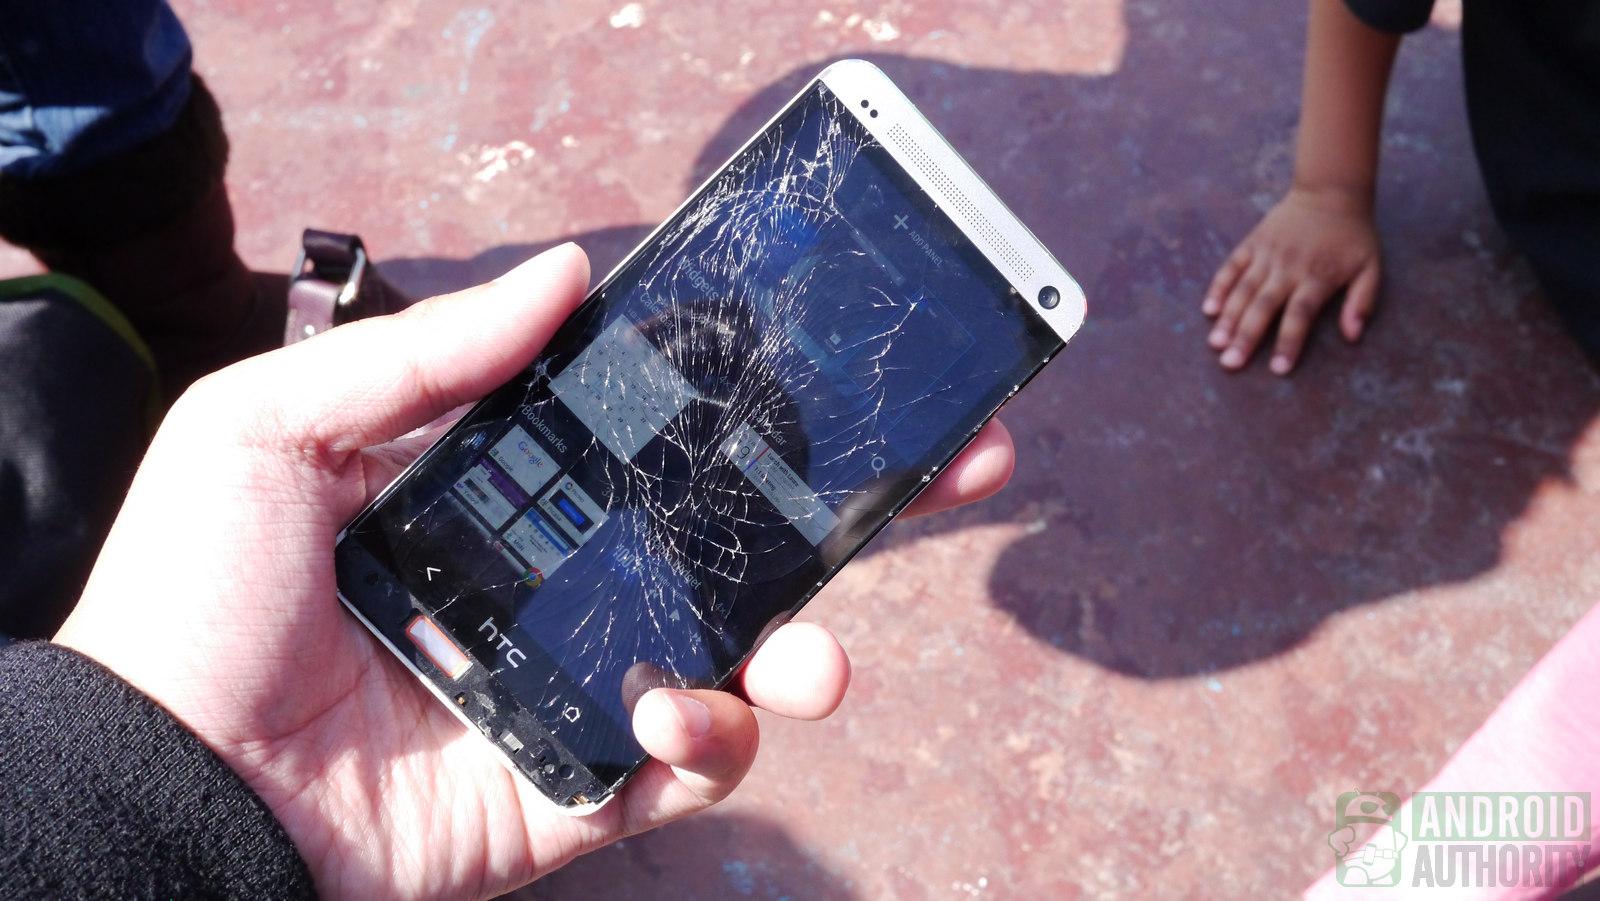 рассказывает, как можно вынуть фото из разбитого телефона это когда